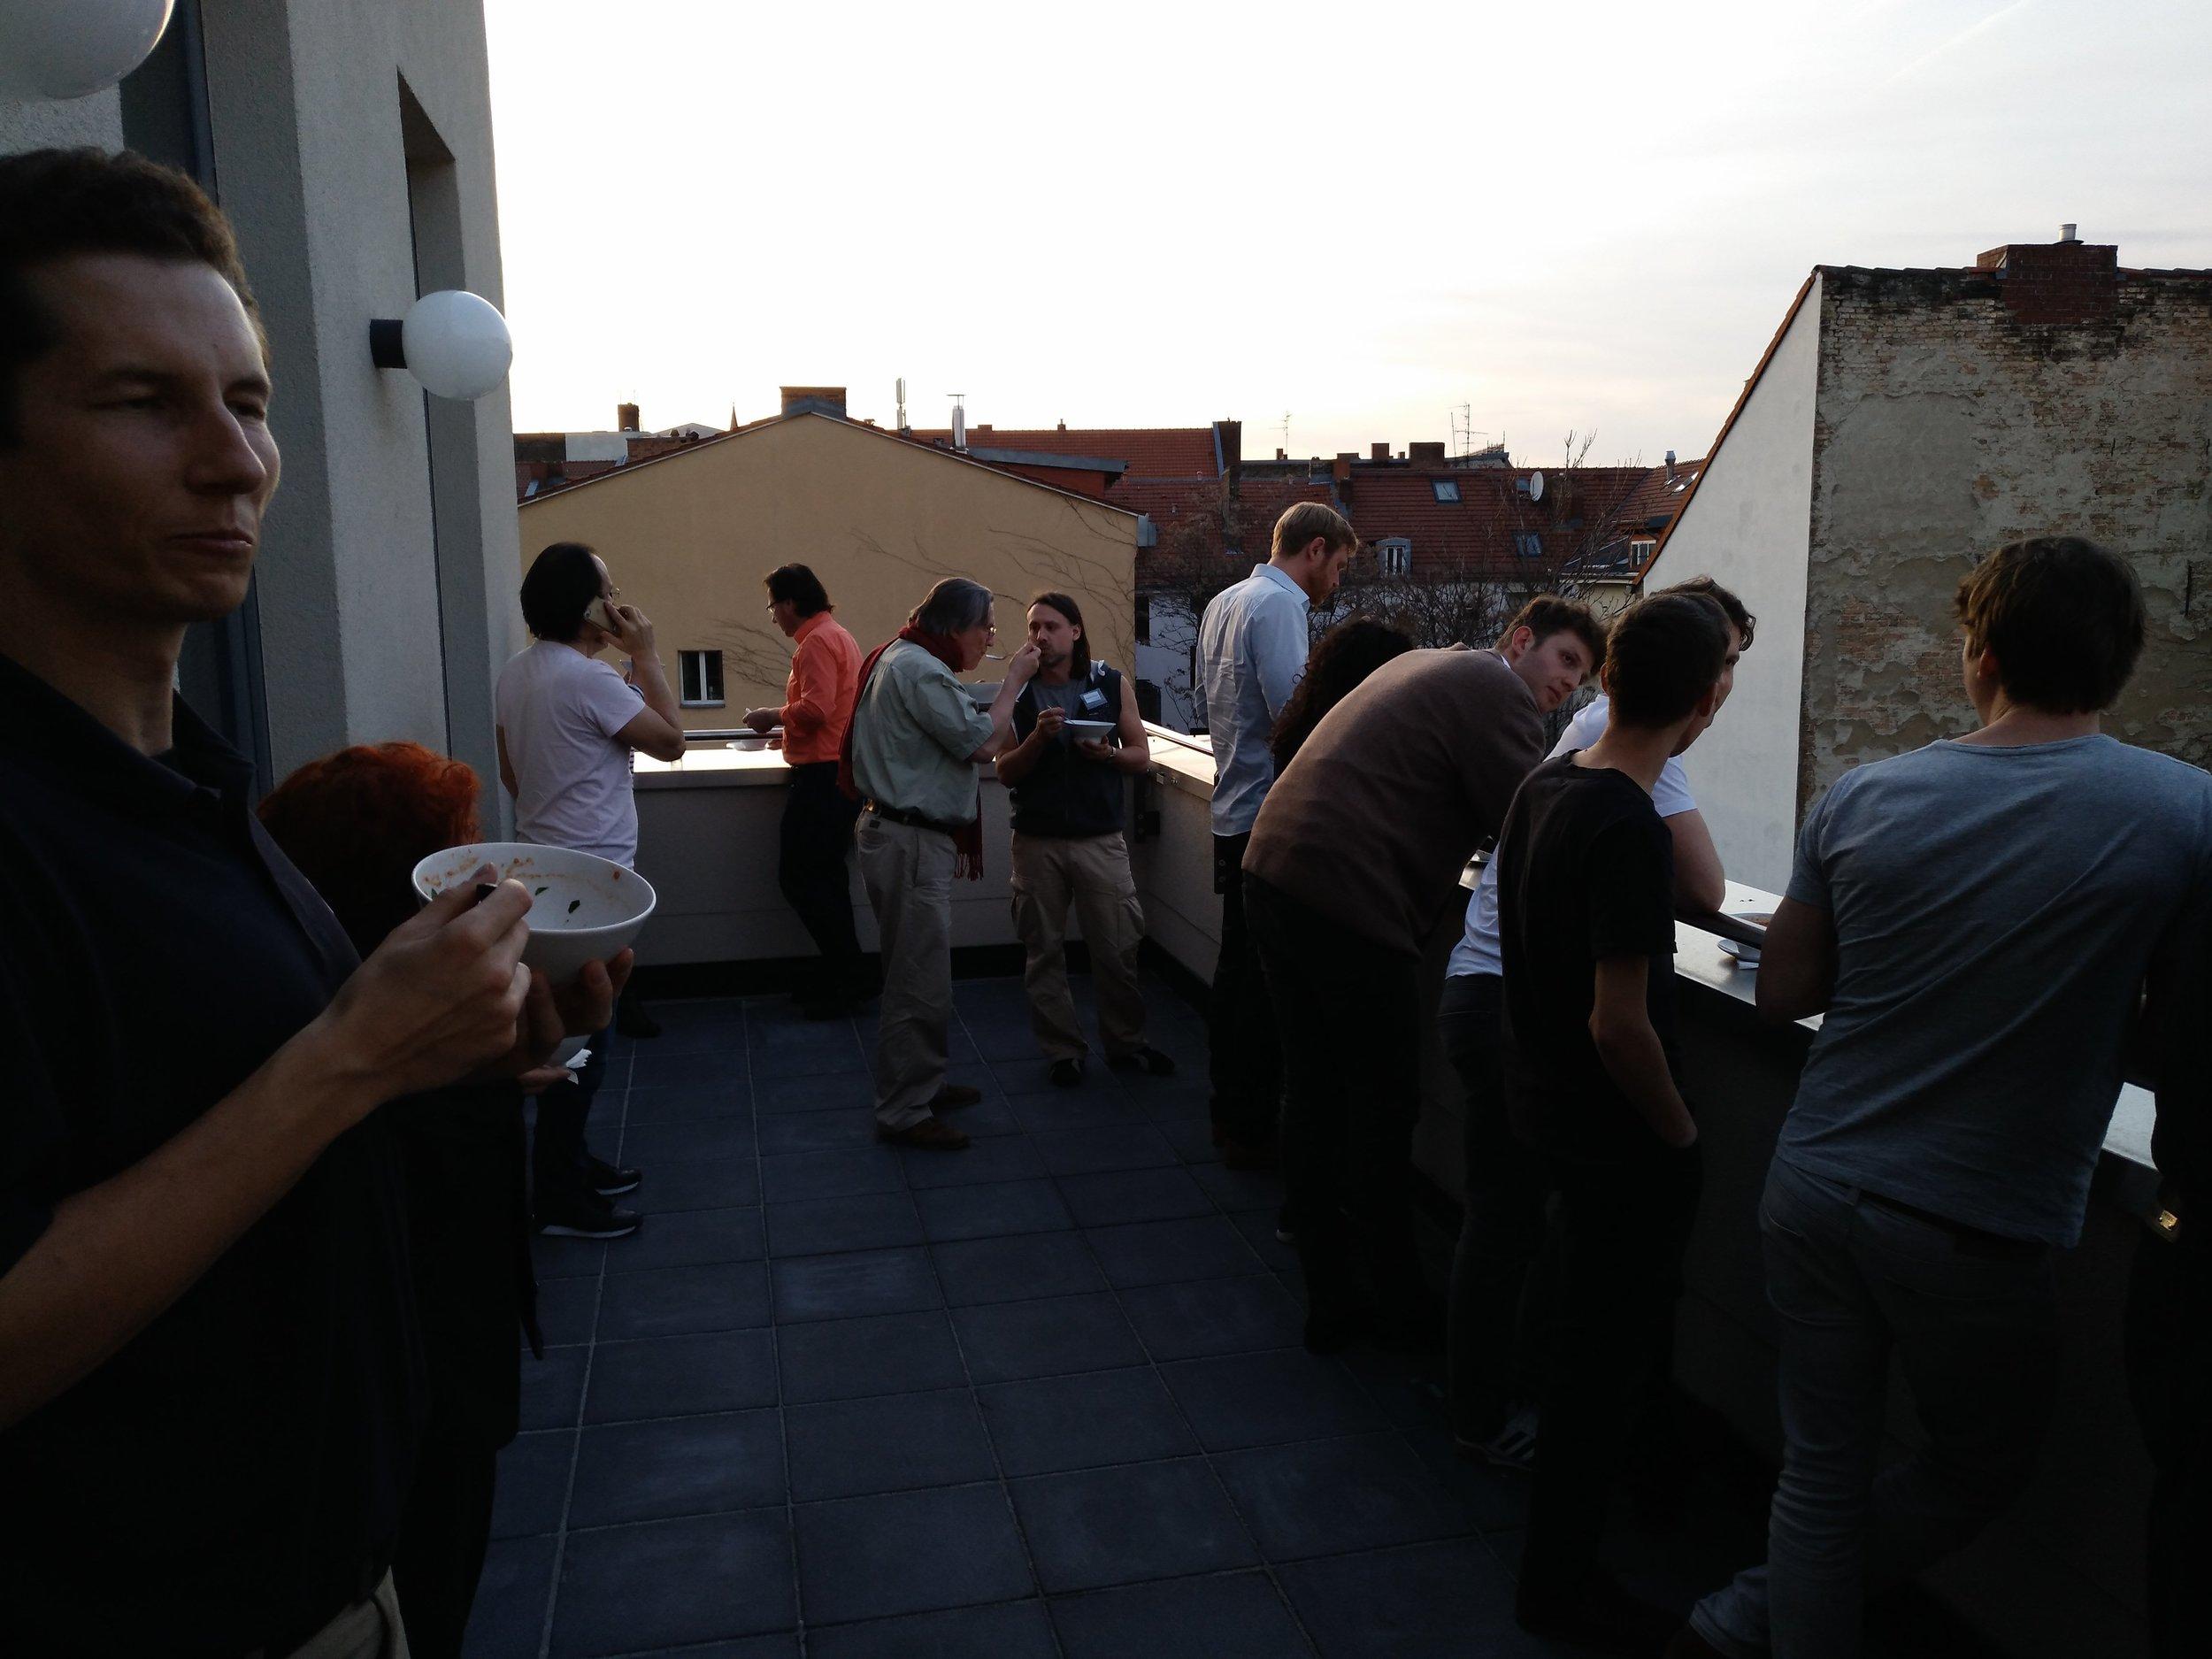 ein Balkon lud ein, das FrühlingsWetter zu geniessen